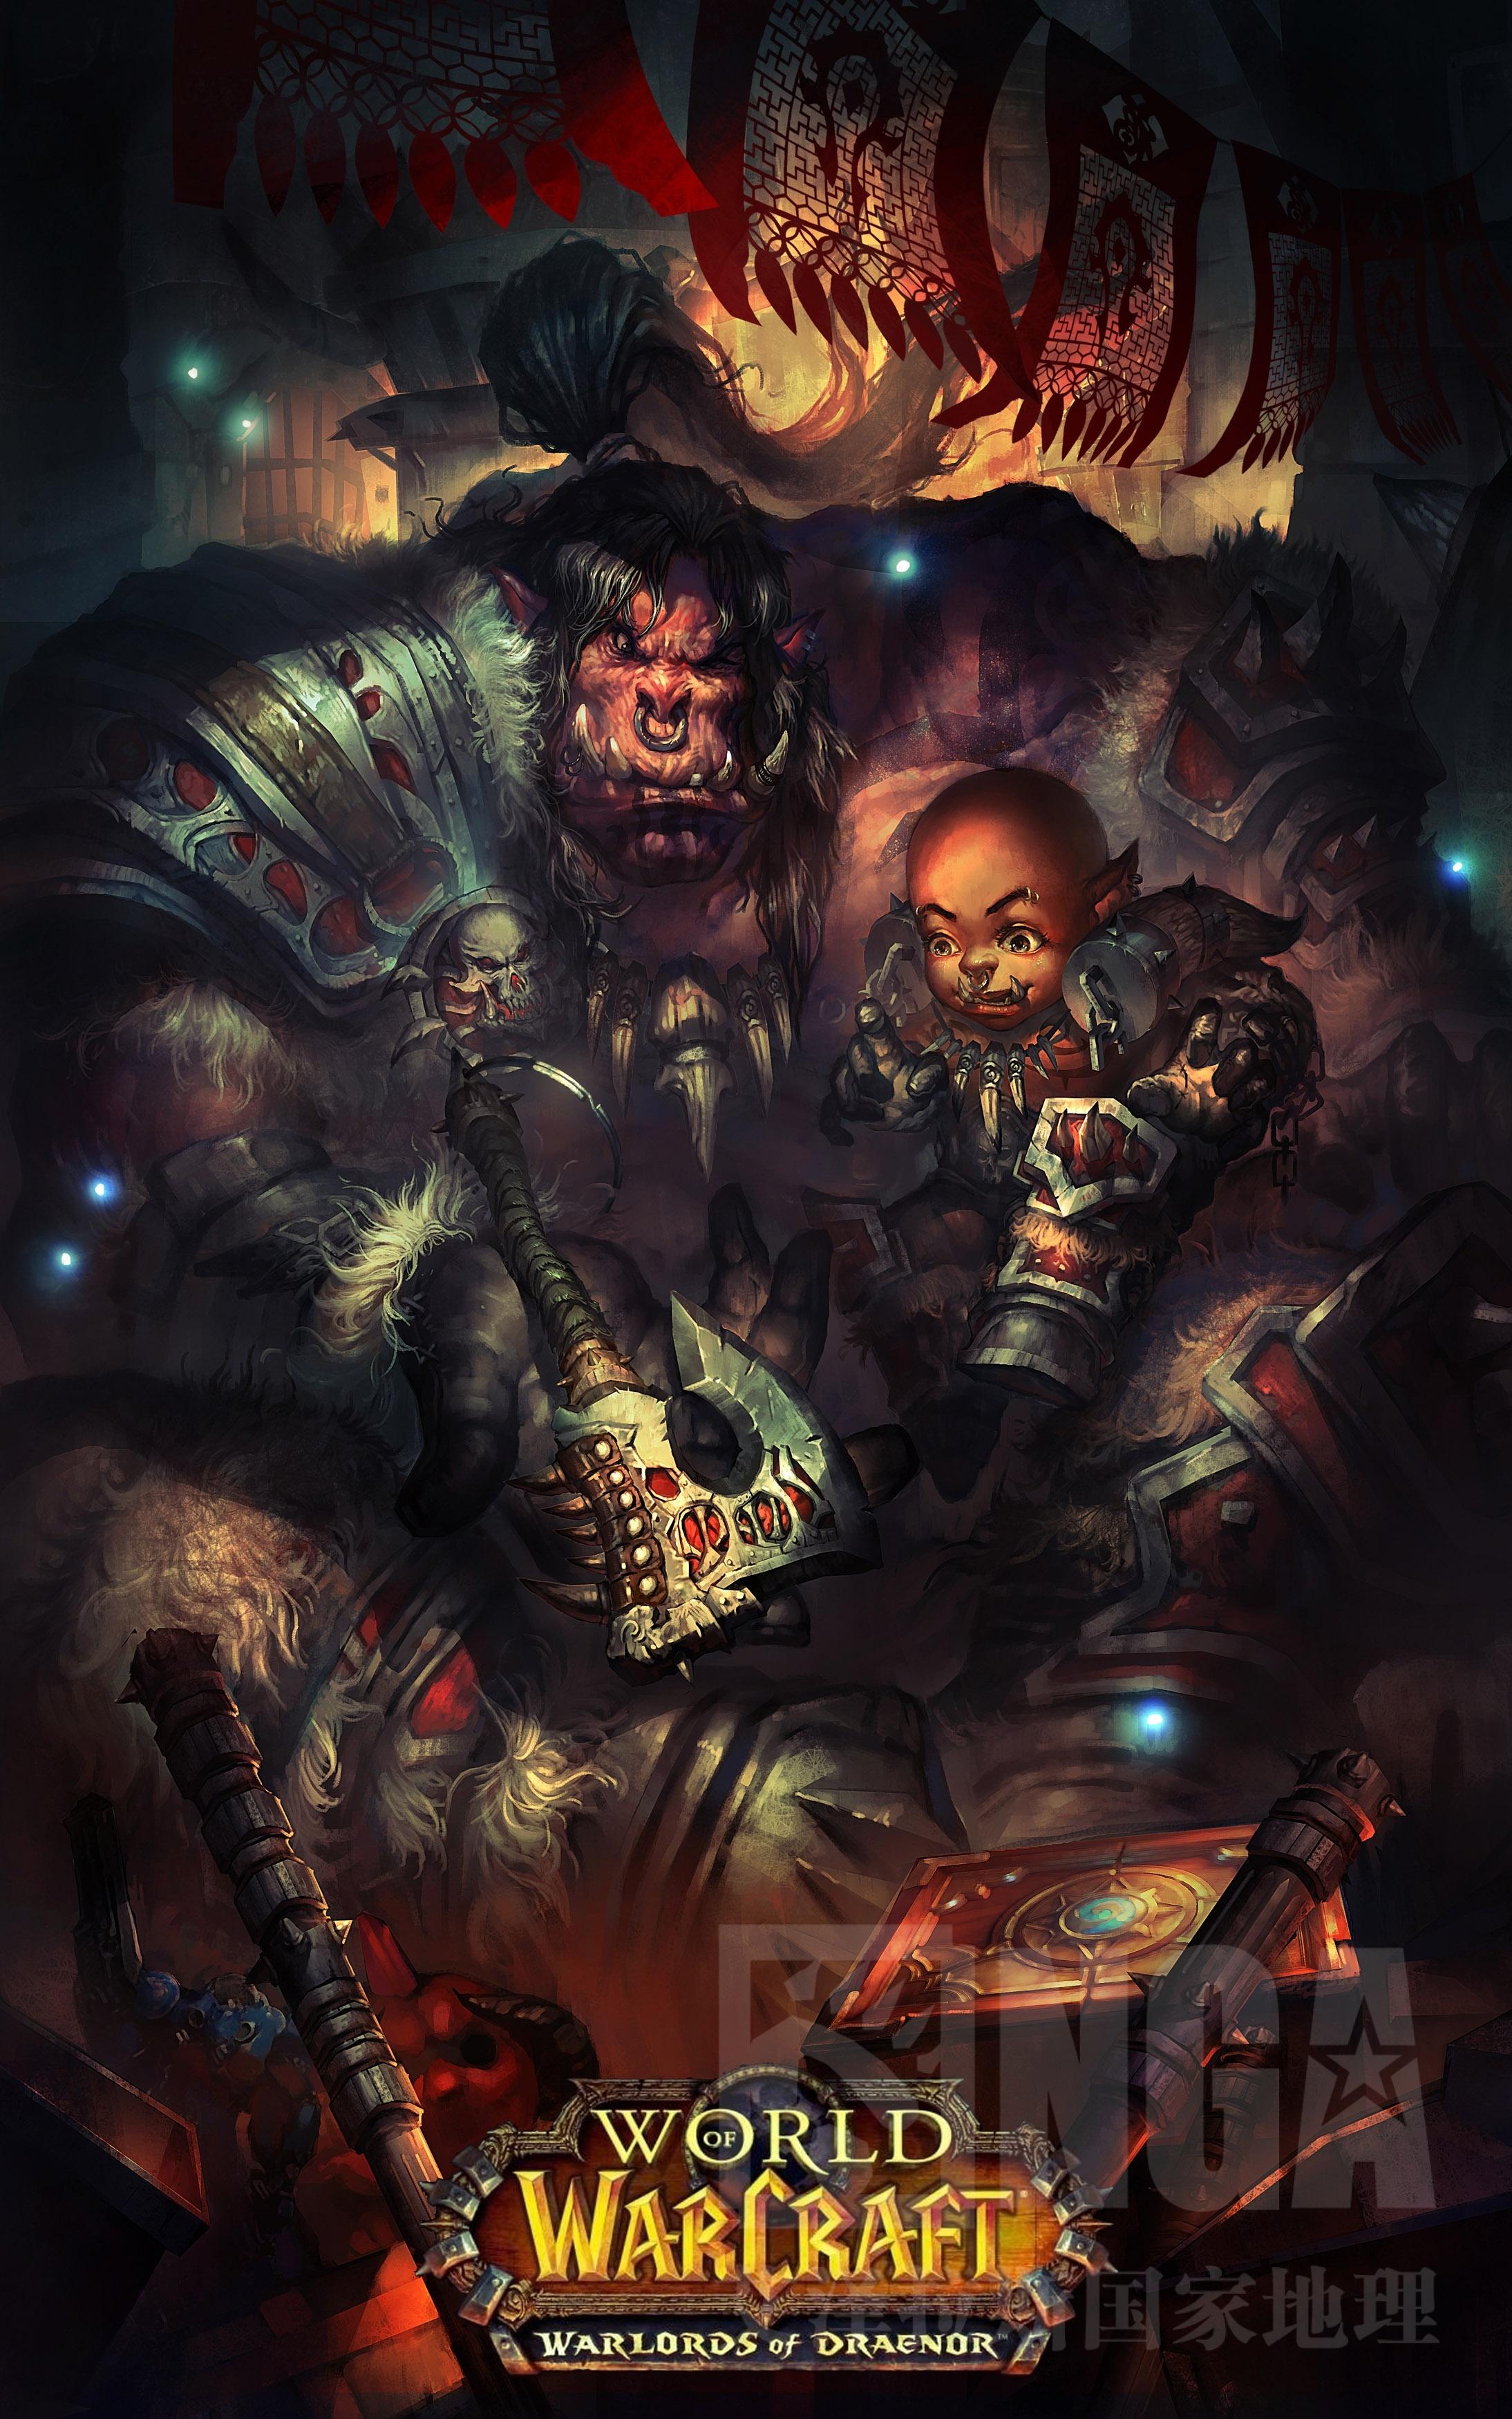 魔兽玩家手绘原创作品赏:地狱咆哮父子情深